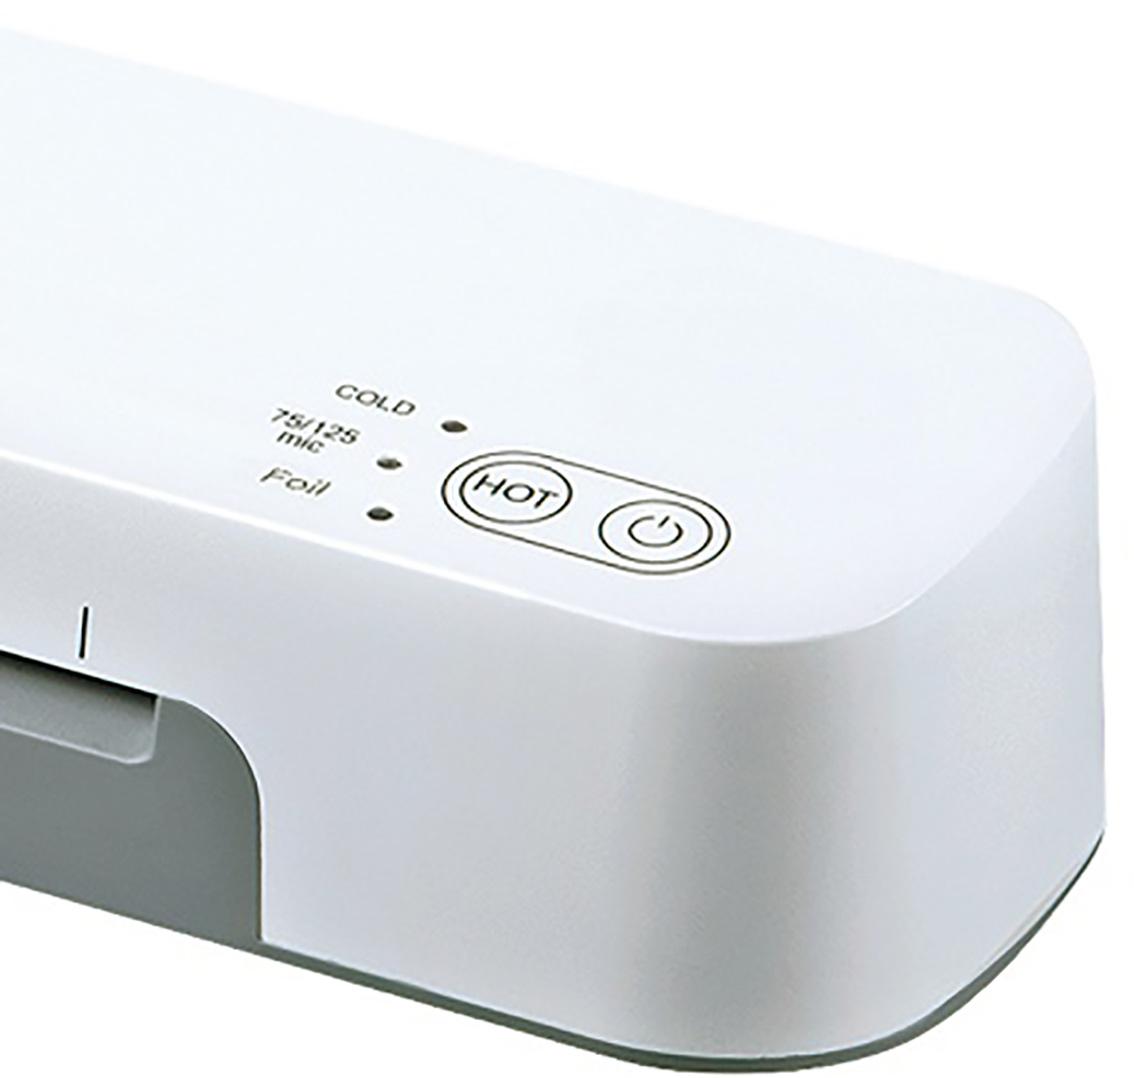 Ламинатор A4 VISION G10-FP, плотность пленки 175мкм. D&Art - фото 2